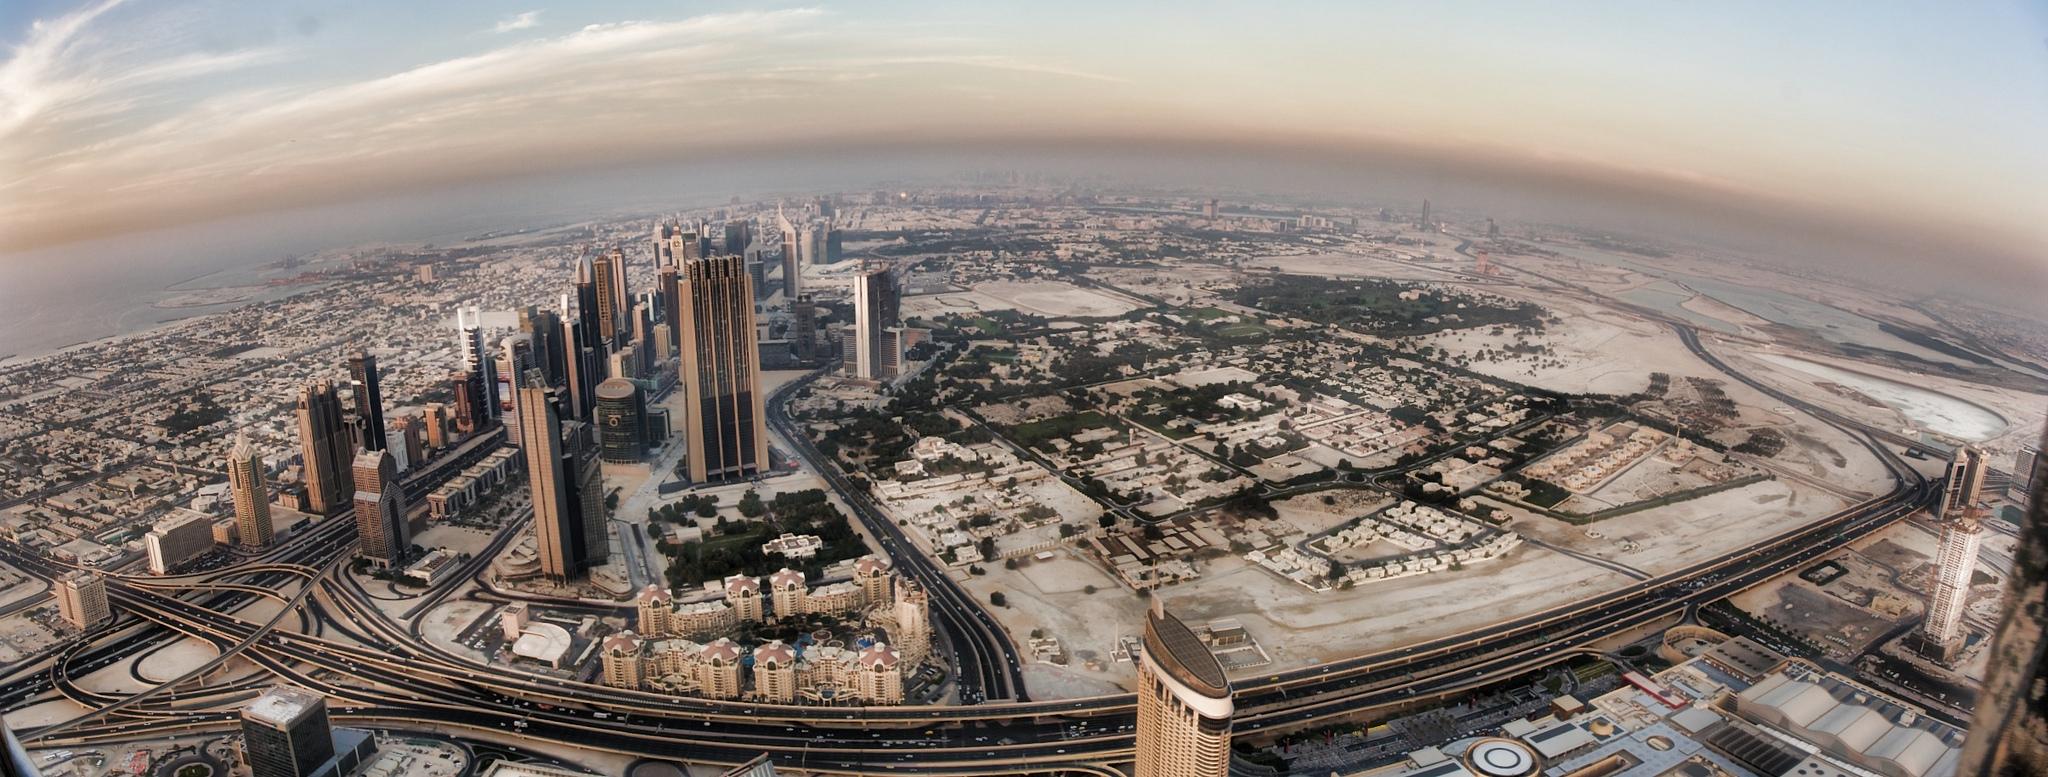 Panorma de Dubai desde el Burj Khalifa by Michael Thels in Flickr